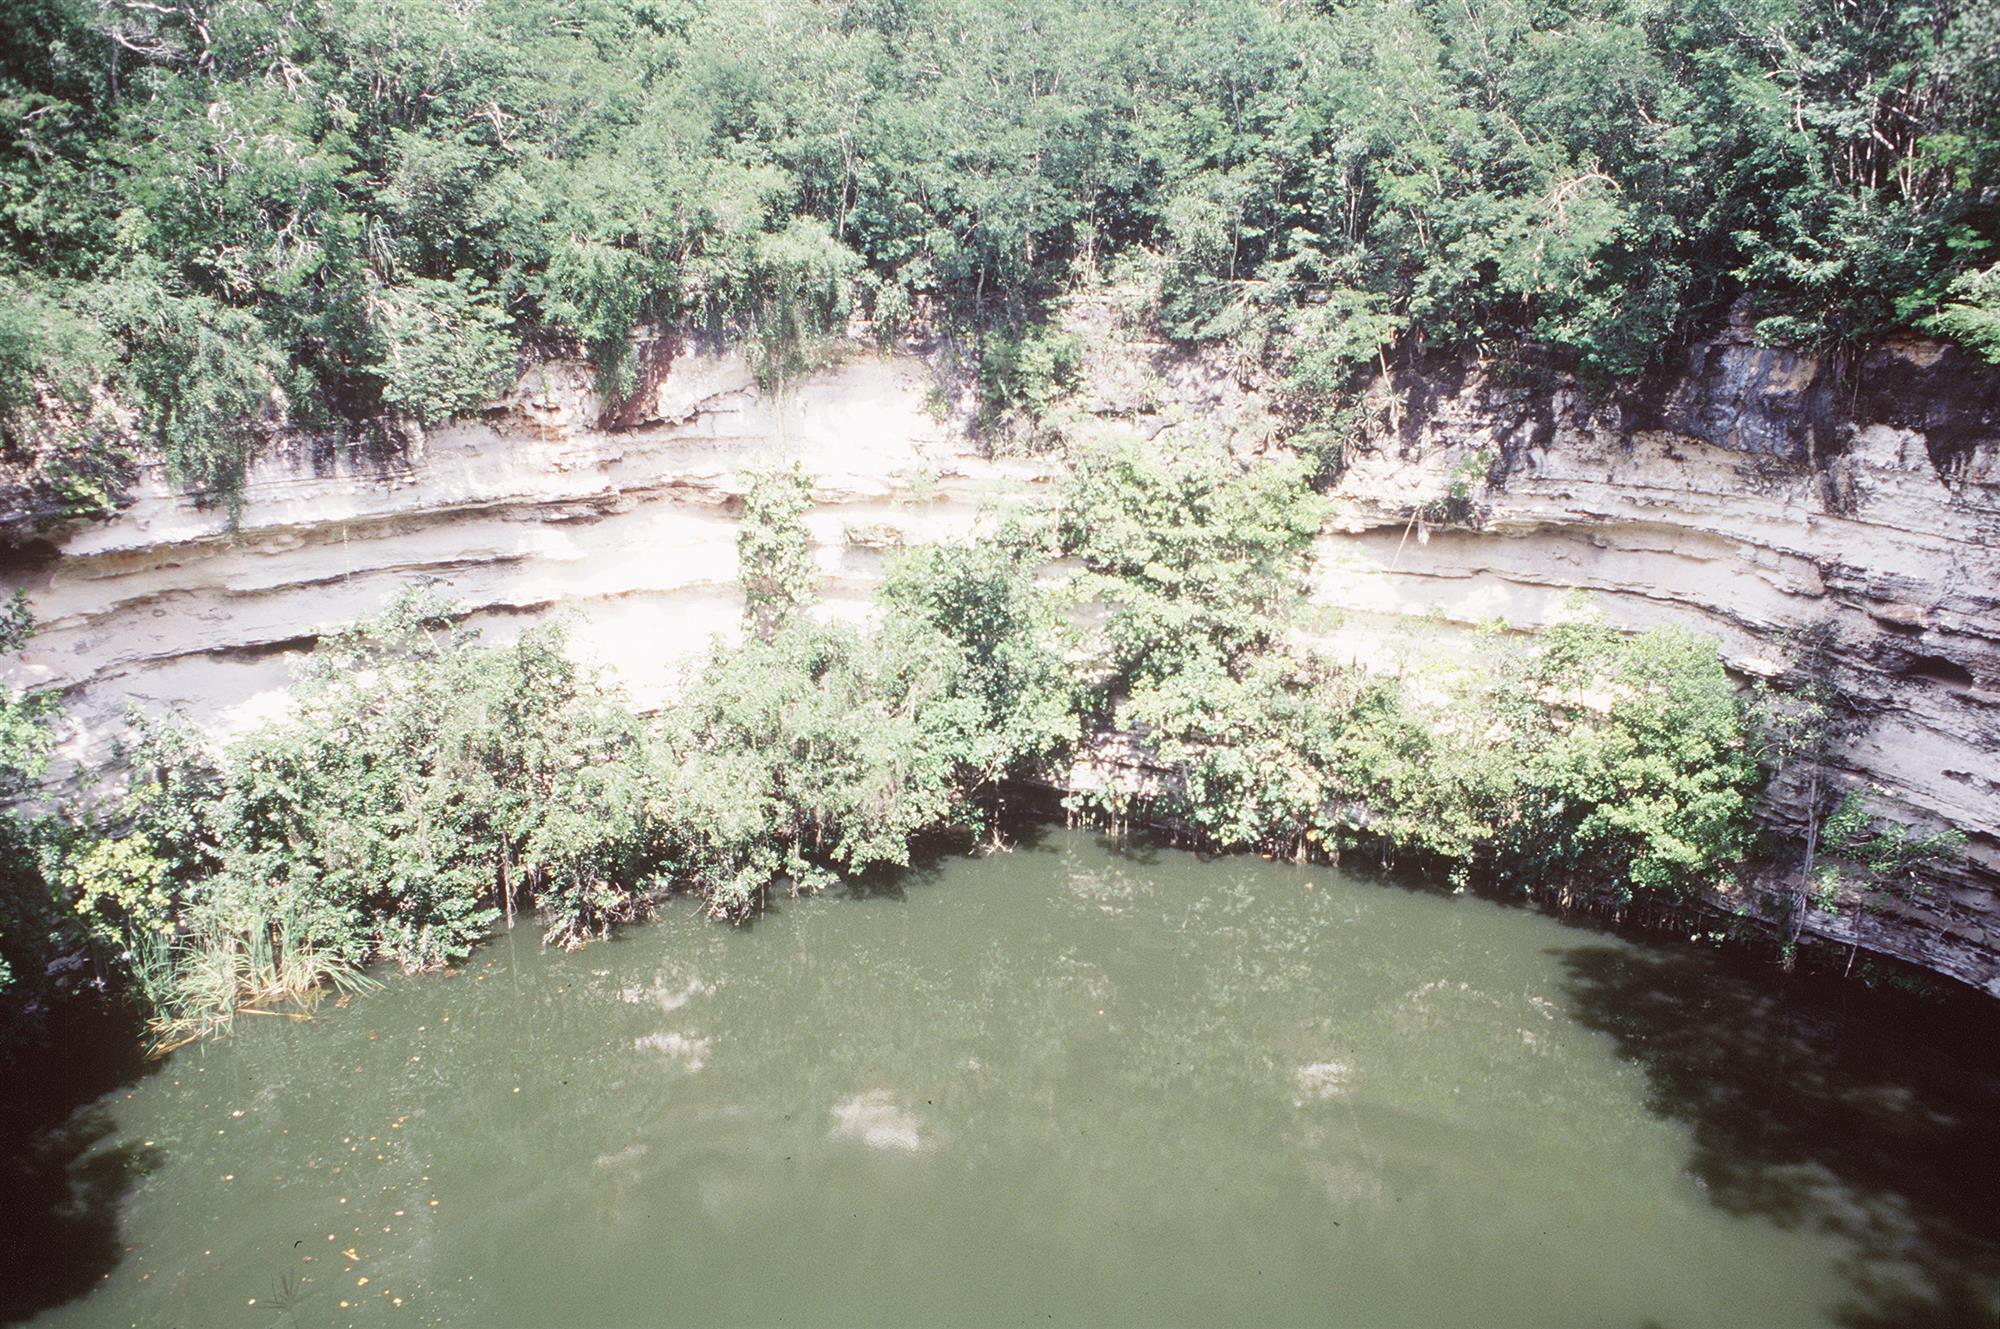 Cenote Sagrado 05. Cenote Sagrado